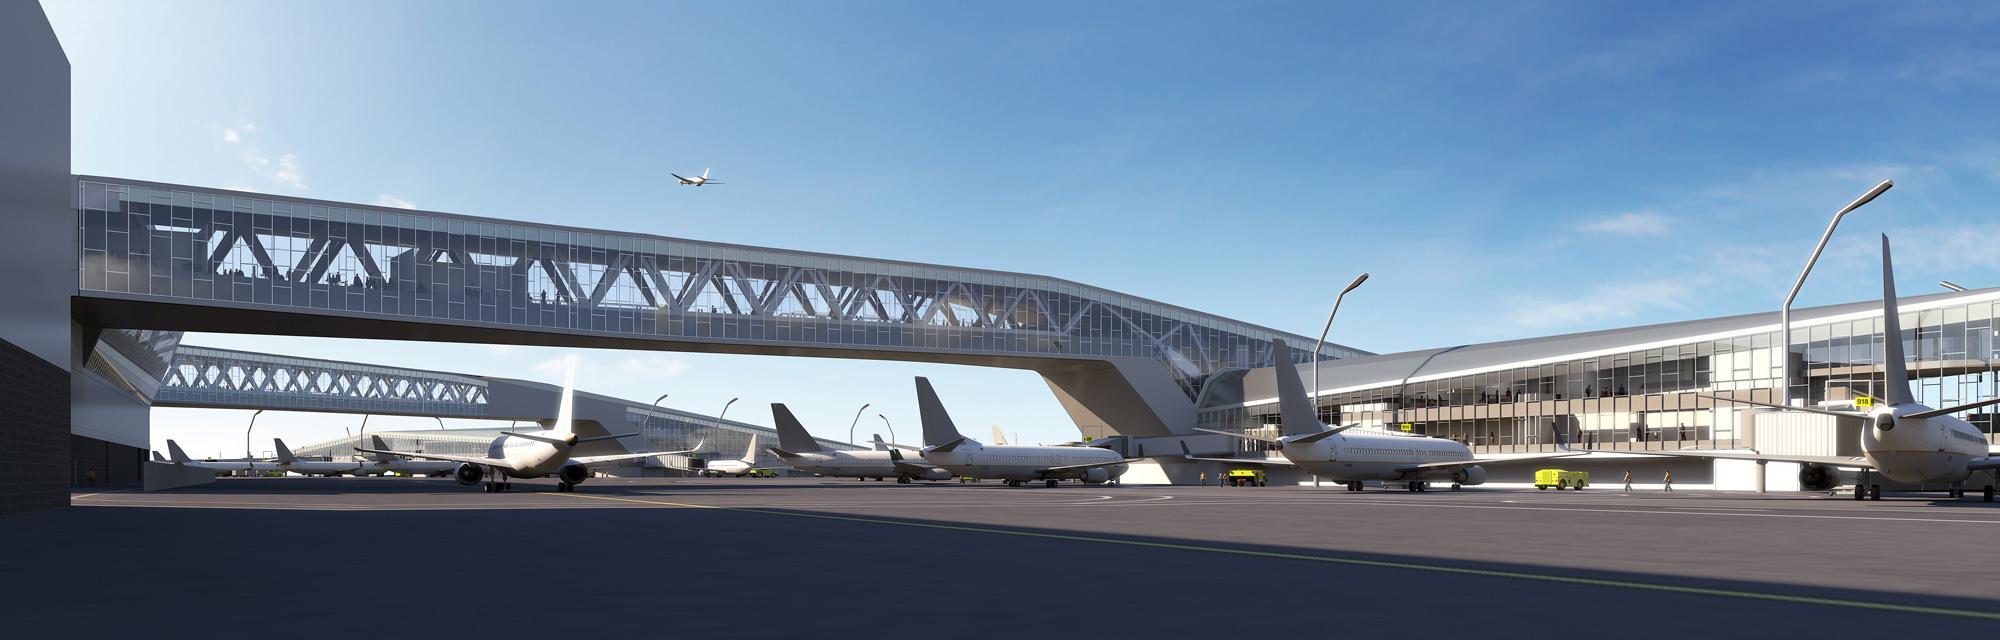 طراحی ۴ فرودگاه بینالمللی که آینده سفر را راحتتر خواهد کرد 5